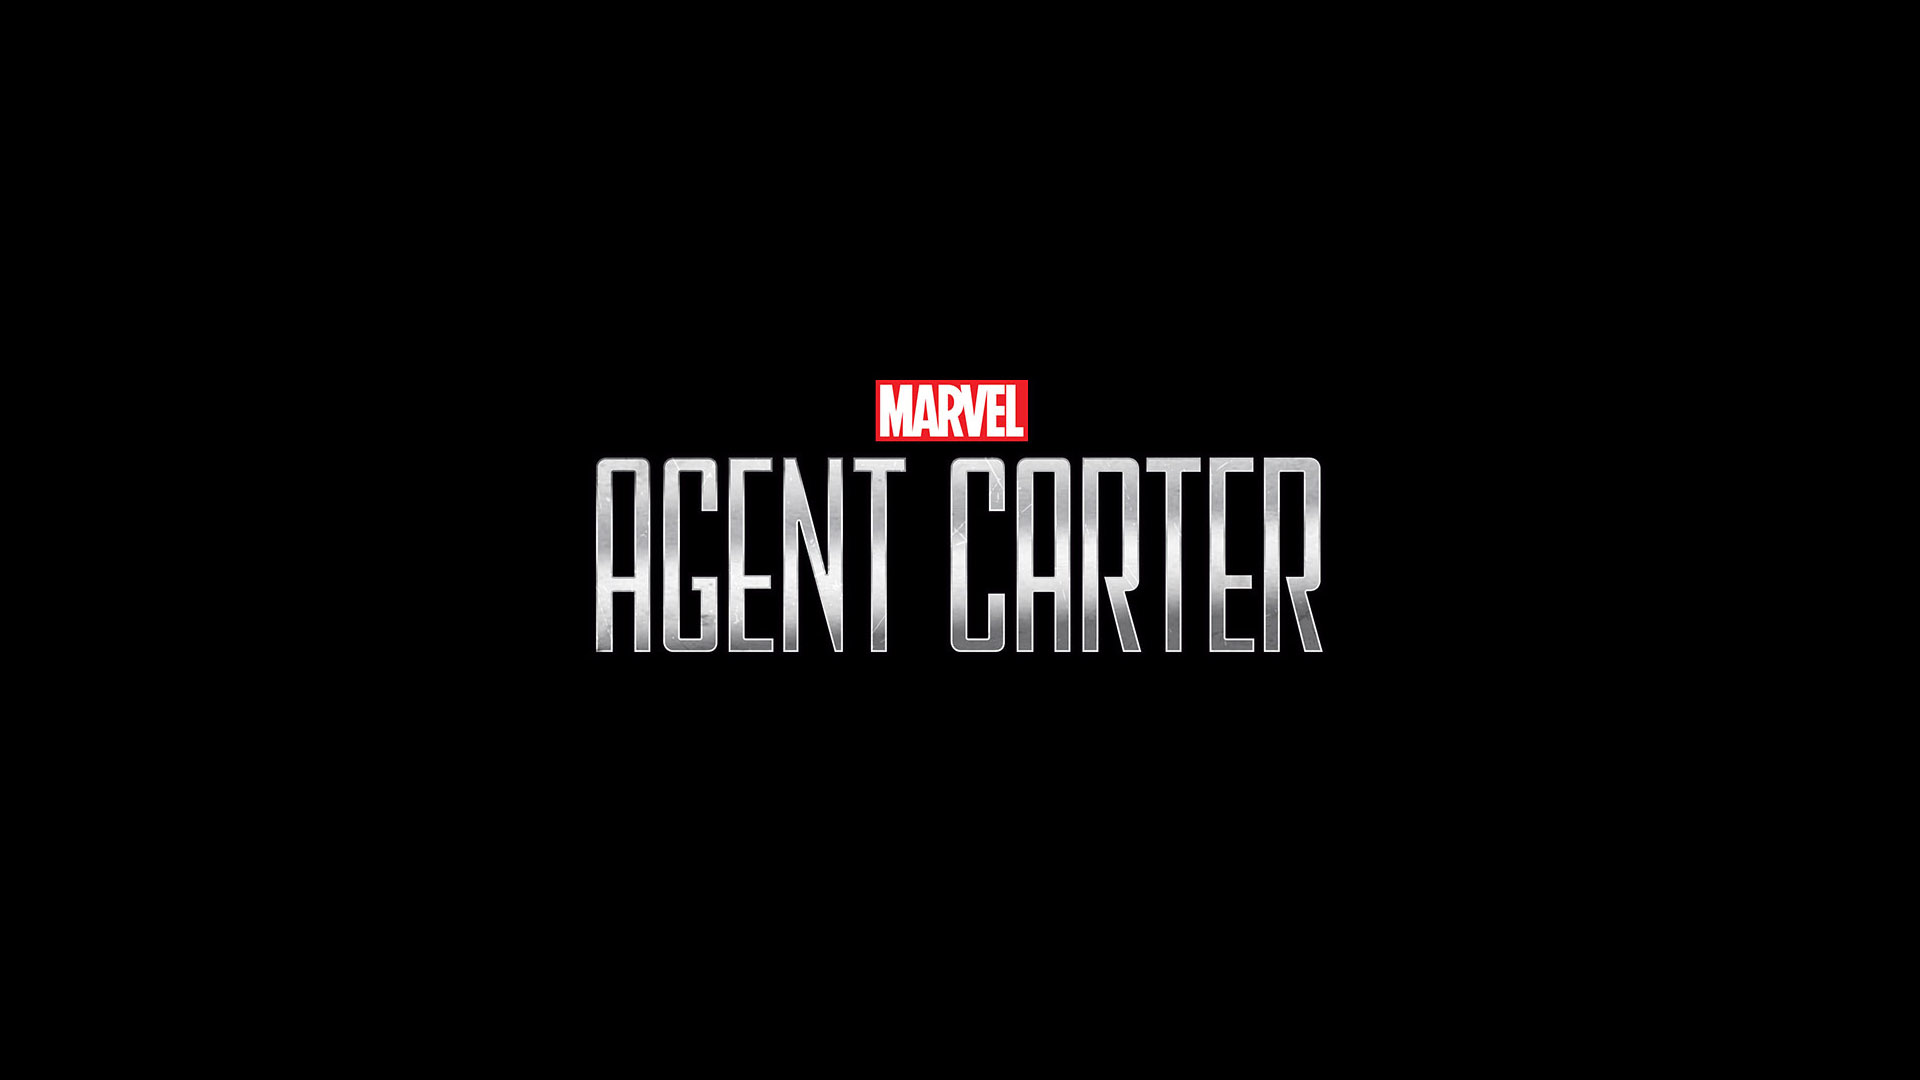 Agent Carter wallpaper 6